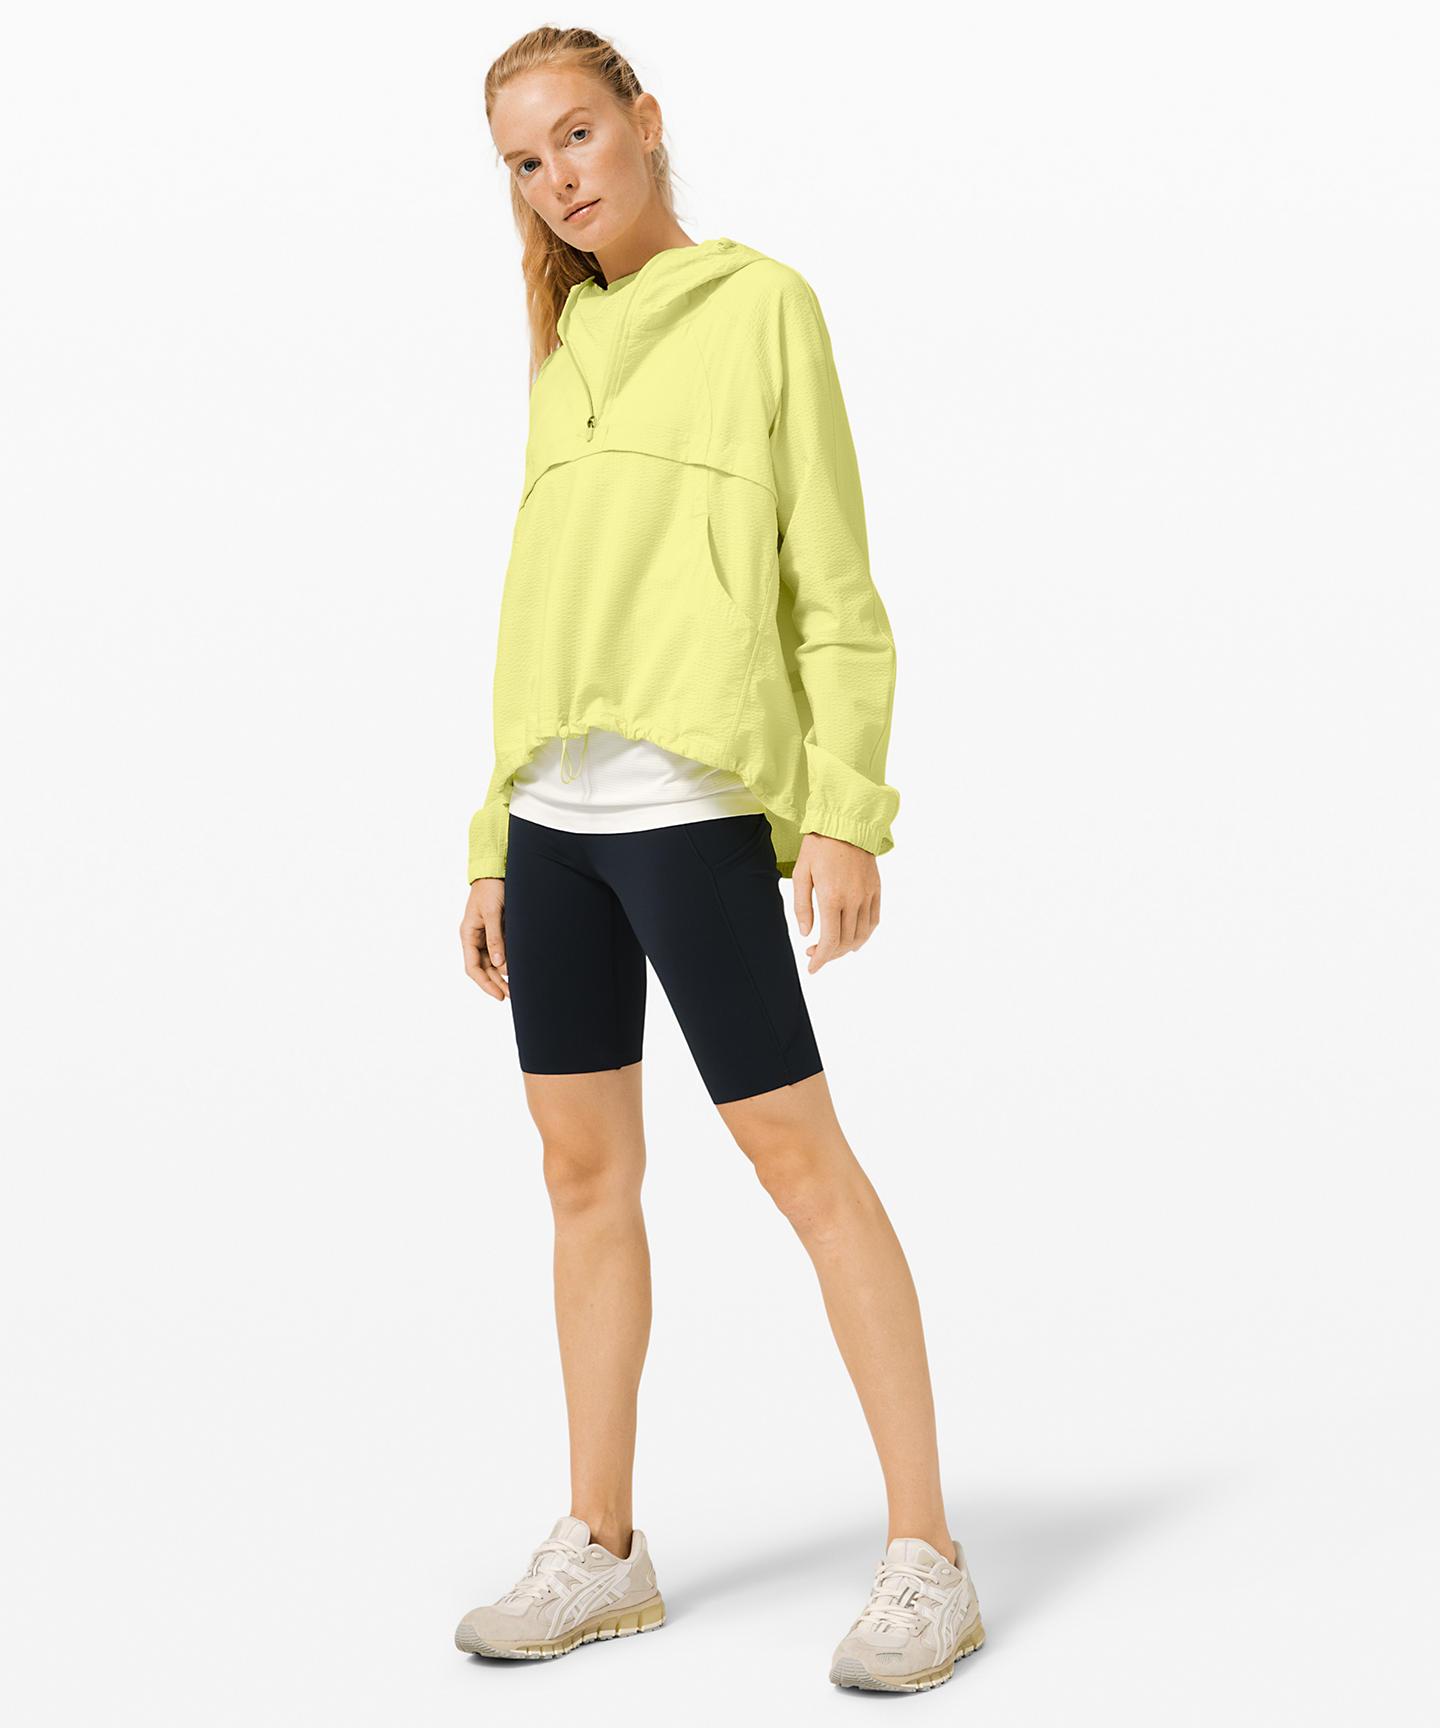 seek_vistas_1/2_zip_jacket_lemon_vibe_lululemon_upload